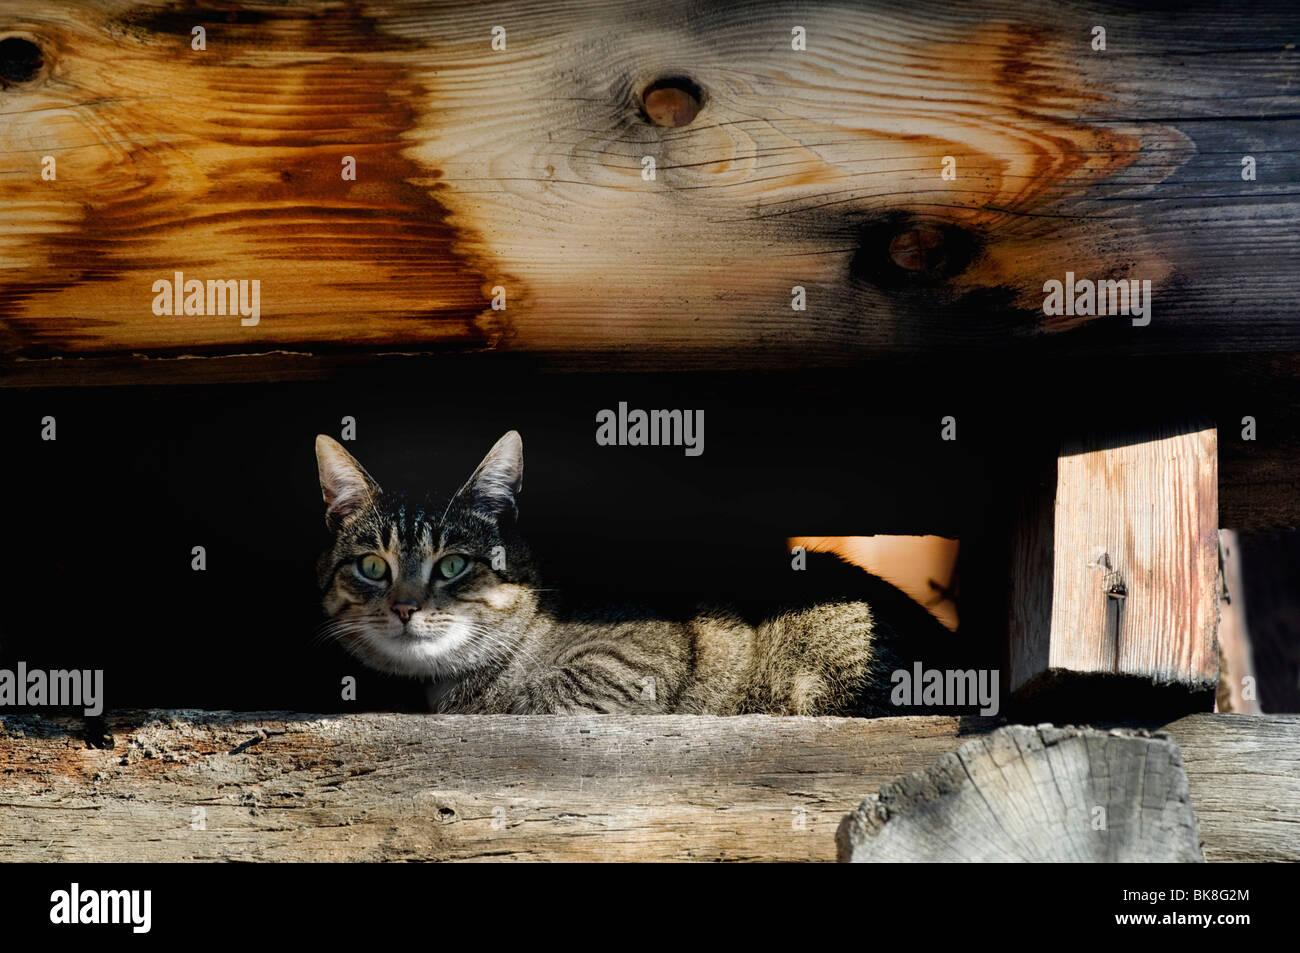 Katze hockend unter alten Dachstuhl Stockbild